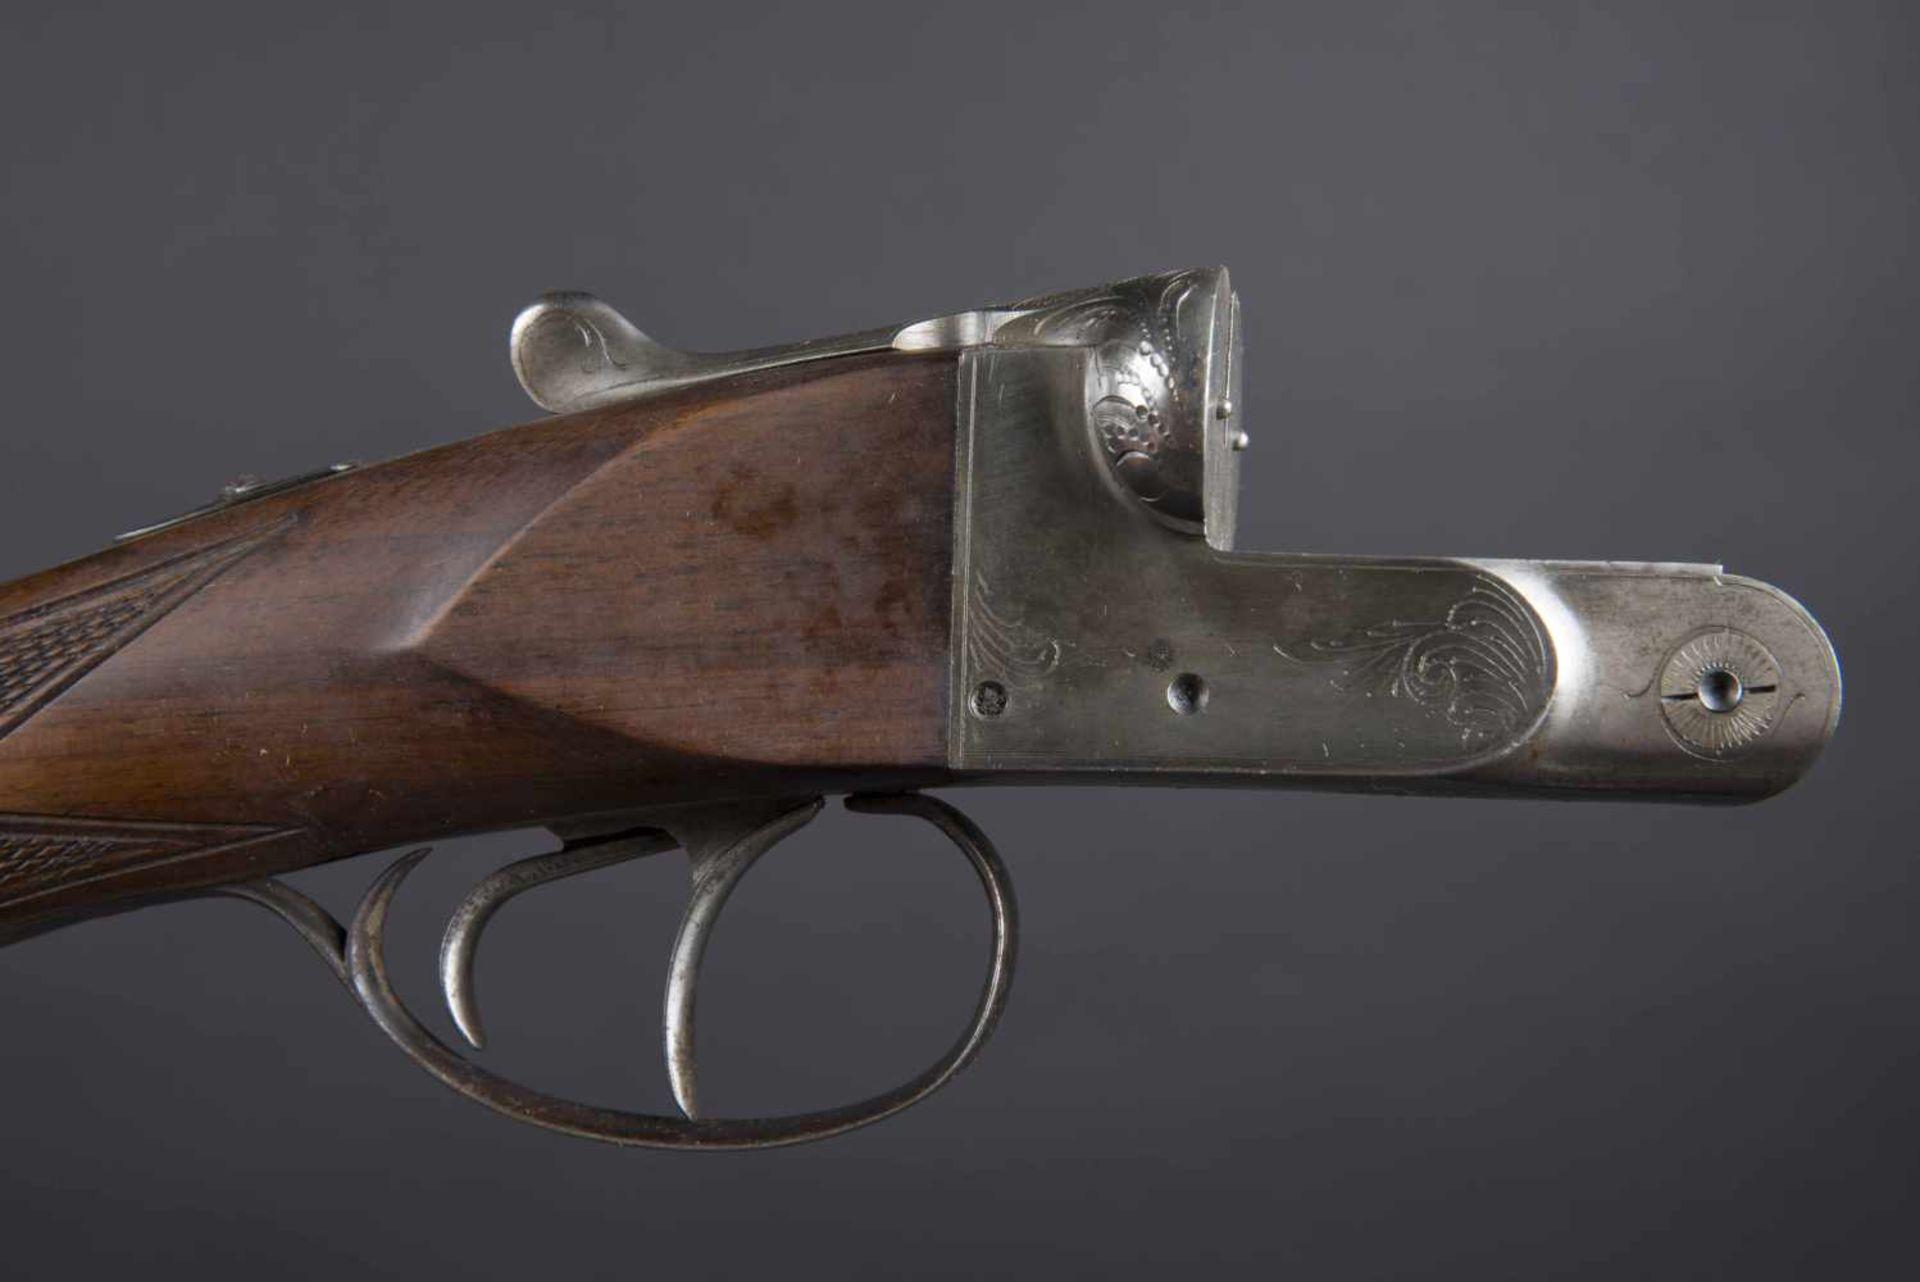 Fusil juxtaposé modèle artisanal Catégorie C Calibre 16/65. Numéro 138638. Carton non au modèle de - Bild 2 aus 4